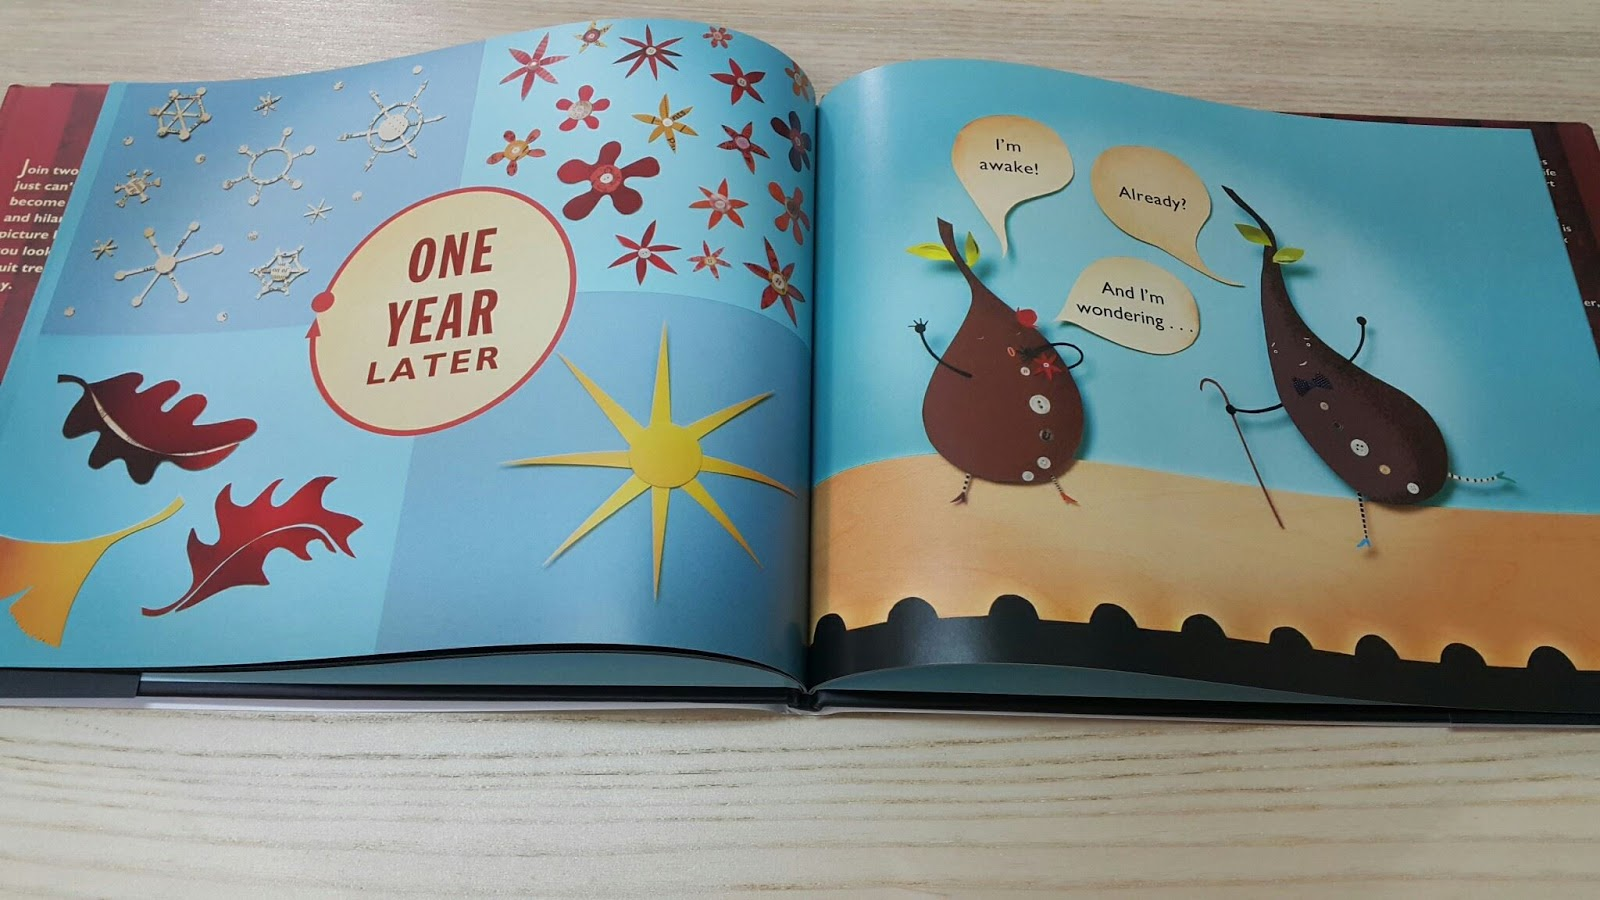 每天都愛說故事- 英文故事大推薦! 遠離3C。一起來培養孩子的英閱歷吧: 【Are we pear yet?】搞笑的植物繪本